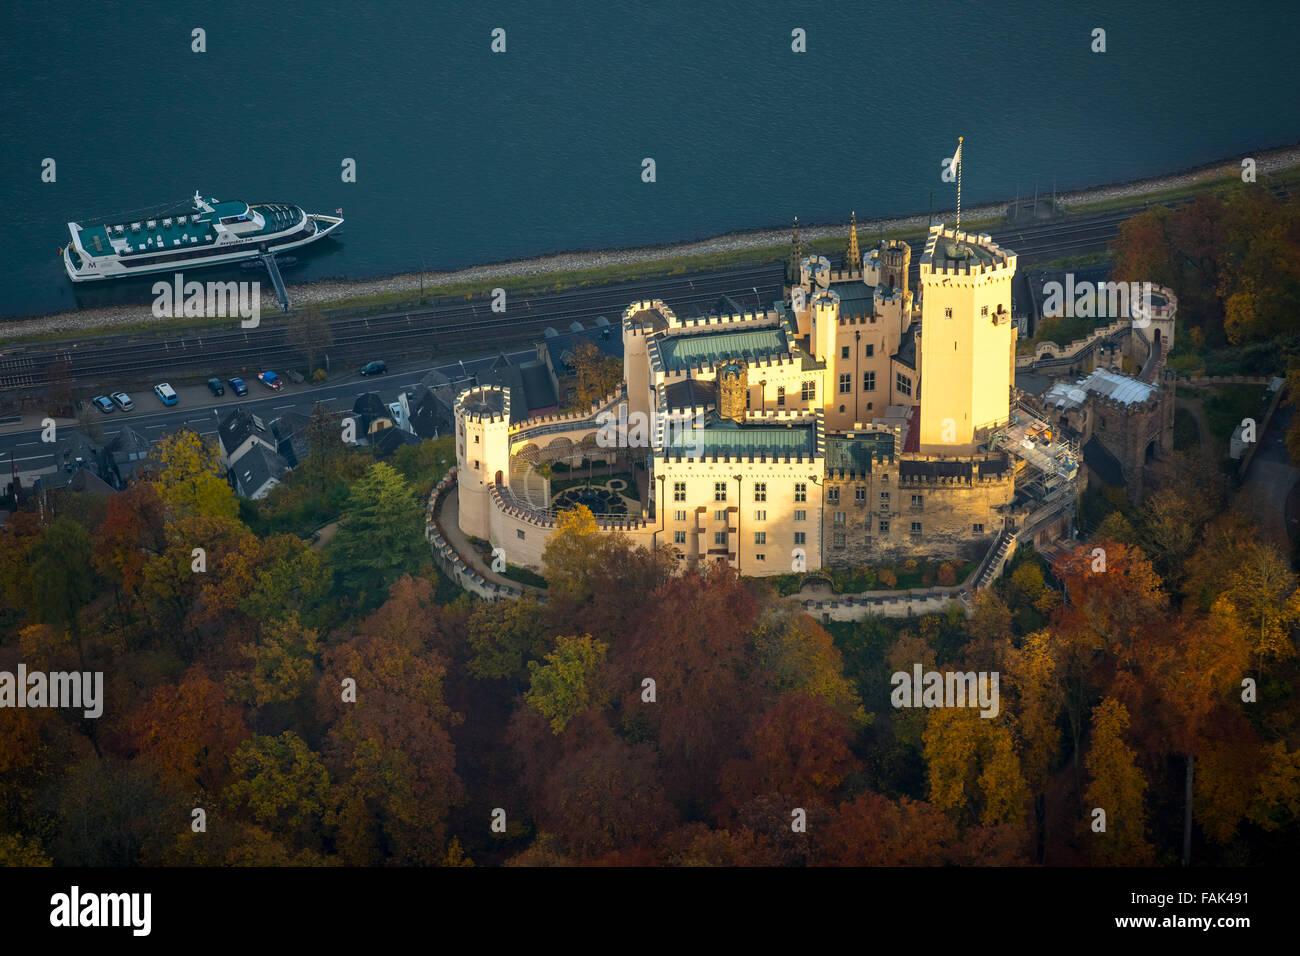 Stolzenfels castle on the Rhine, Rhine romanticism, Koblenz, Middle Rhine Valley, Rhineland-Palatinate, Germany - Stock Image